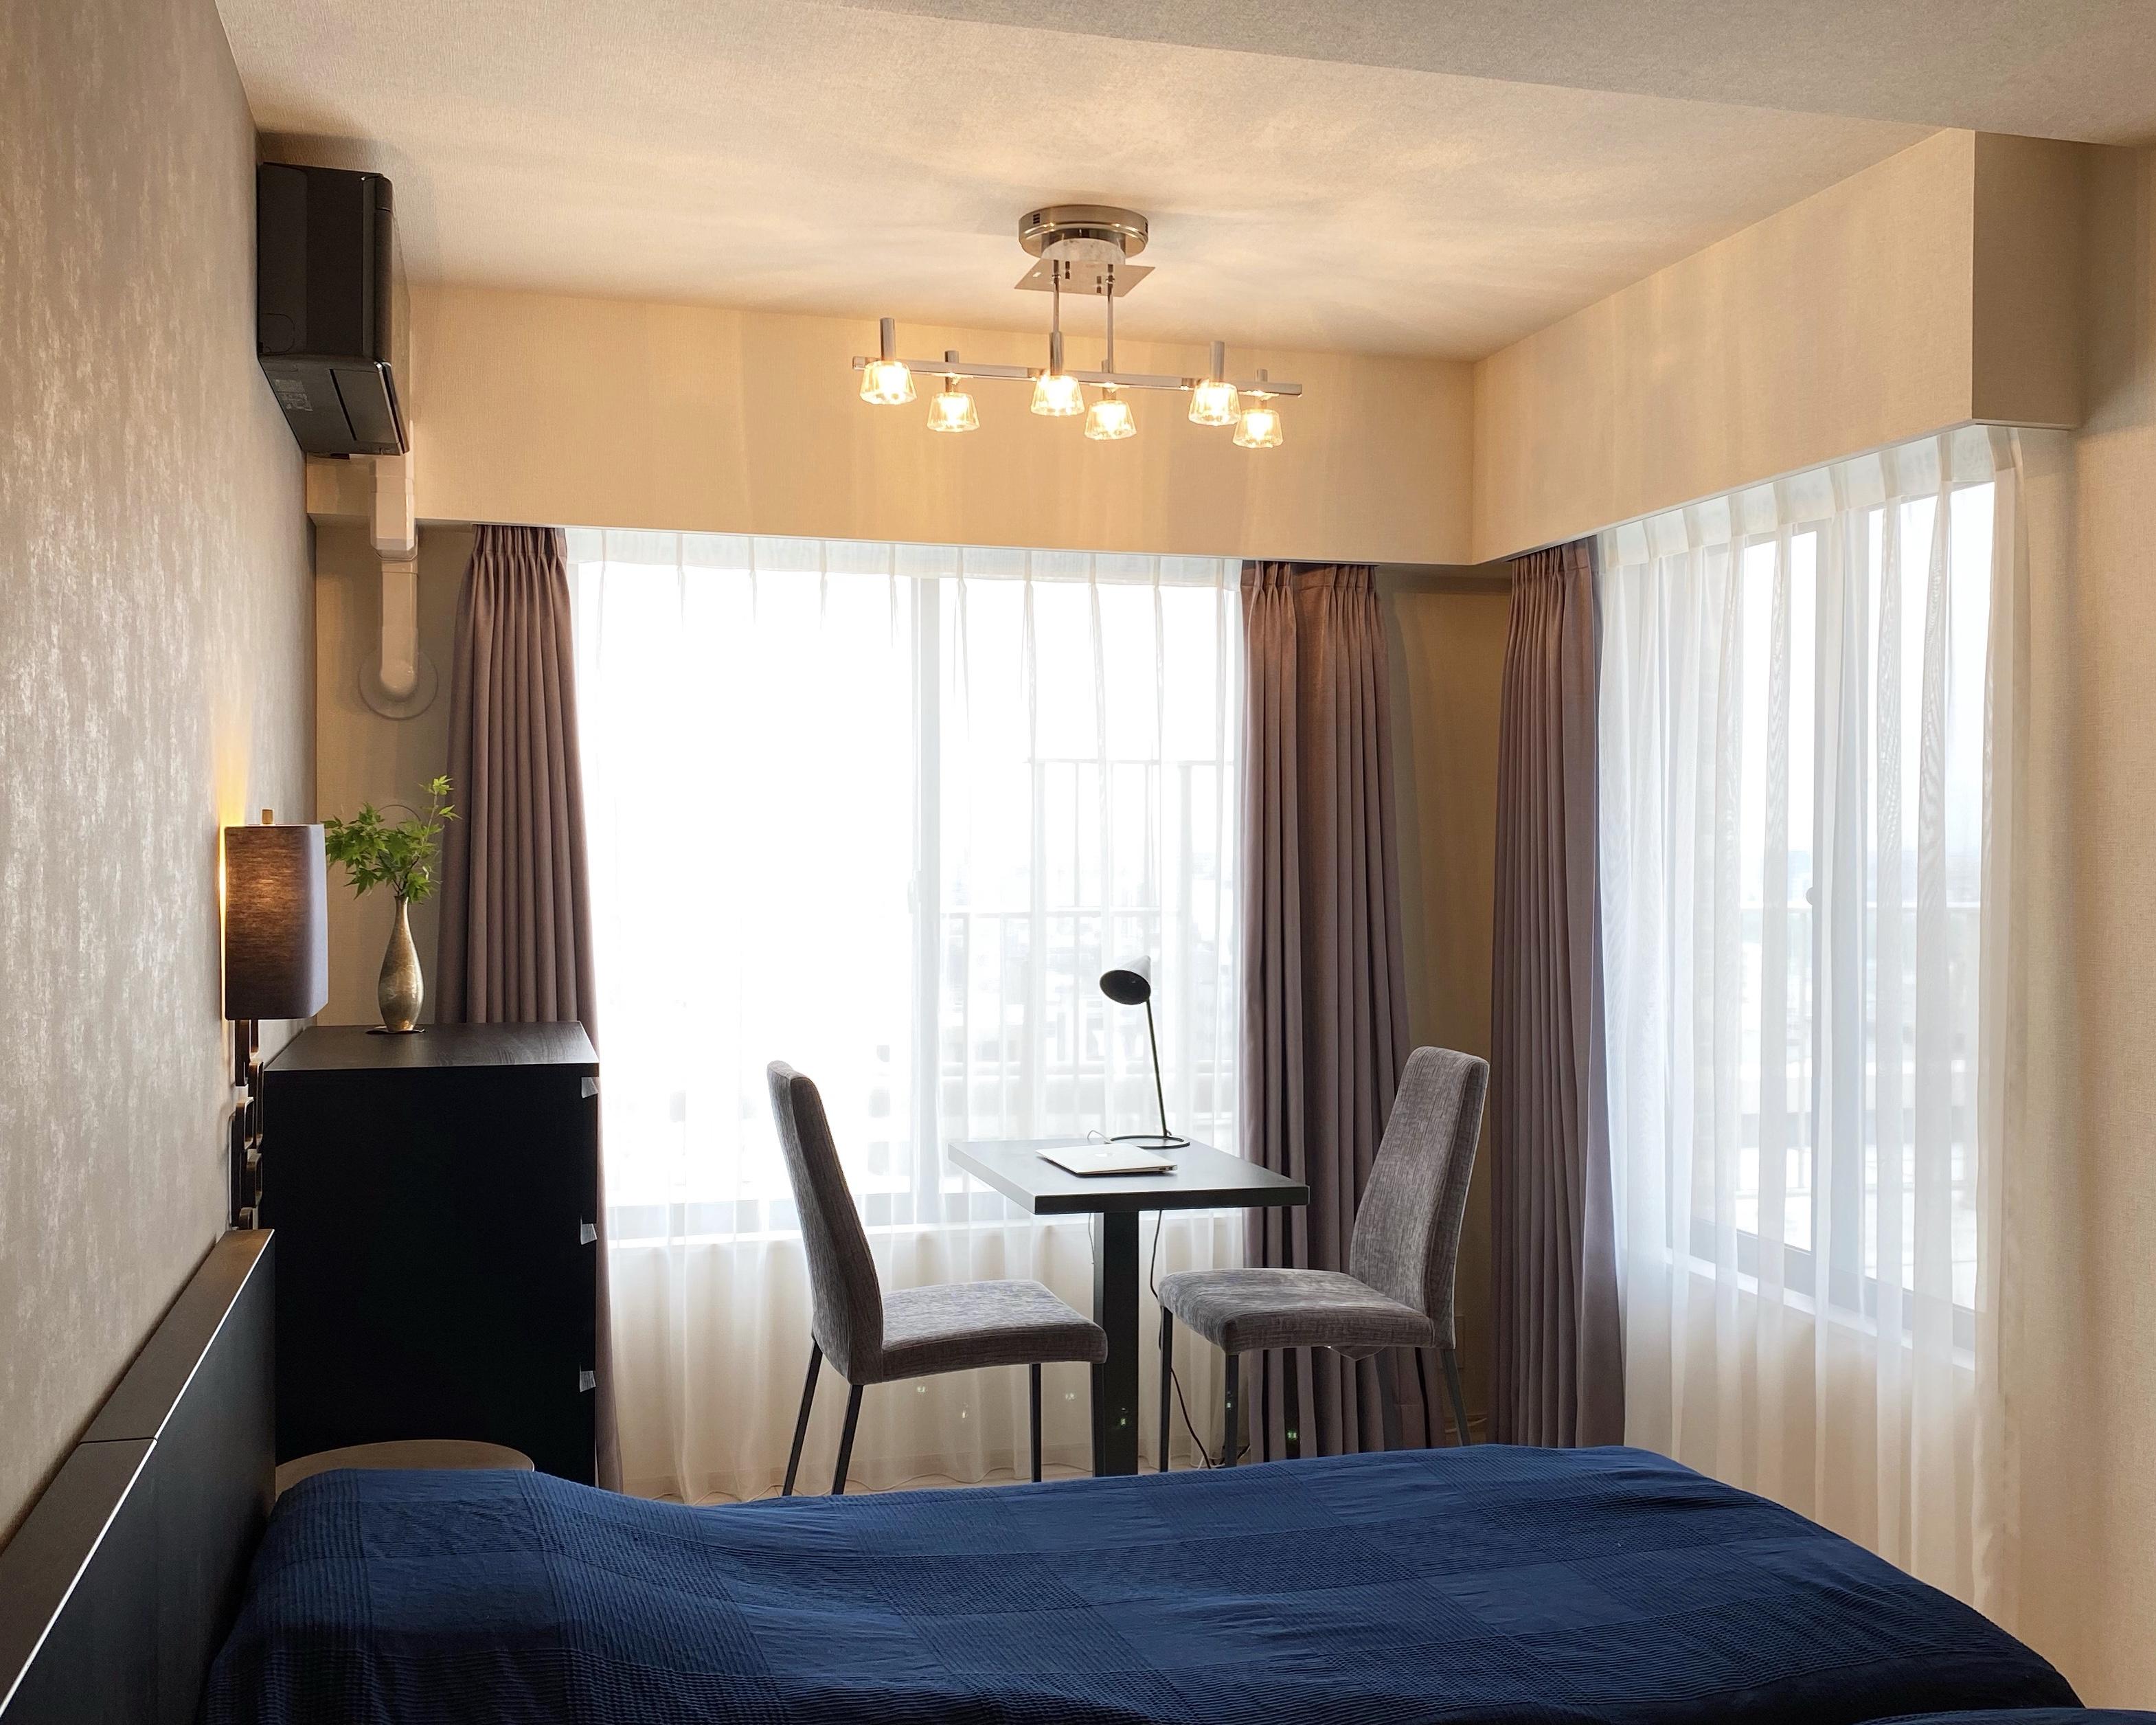 ホテルライクな主寝室